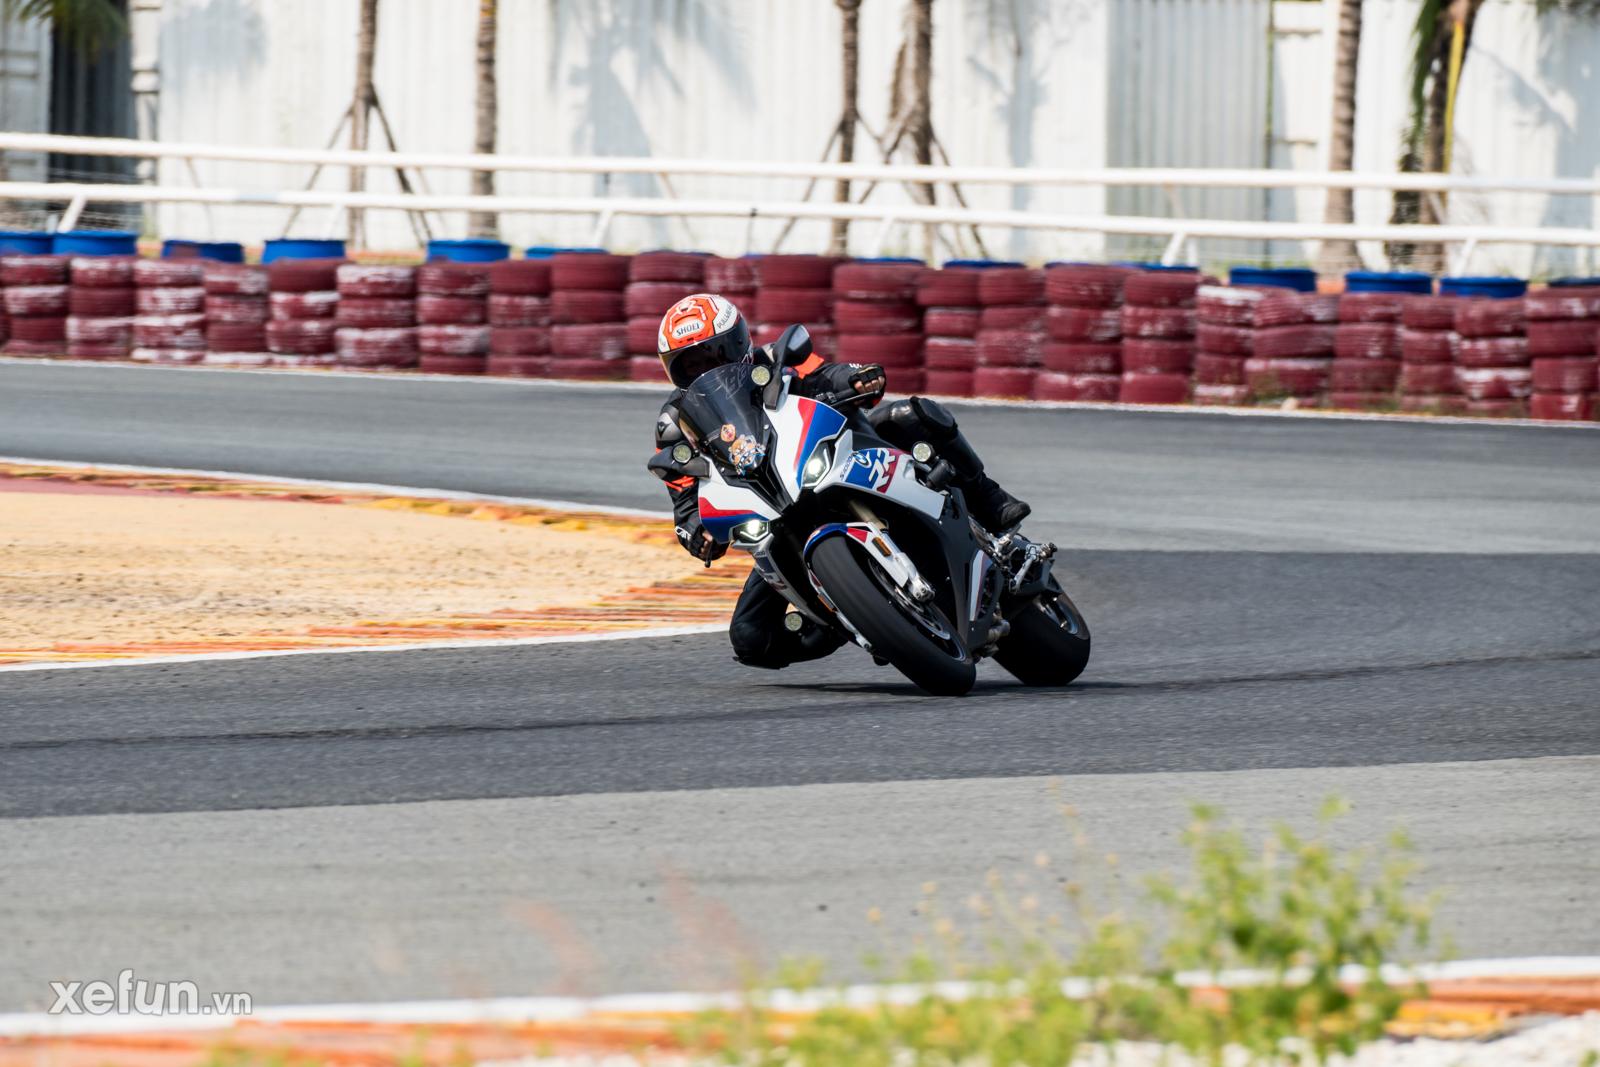 Các tay đua nài xe phân khối lớn PKL BMW S1000RR Ducati Monster Kawasaki Ninja ZX10R tại Trường đua Đại Nam trên Xefun (1)3r3t45